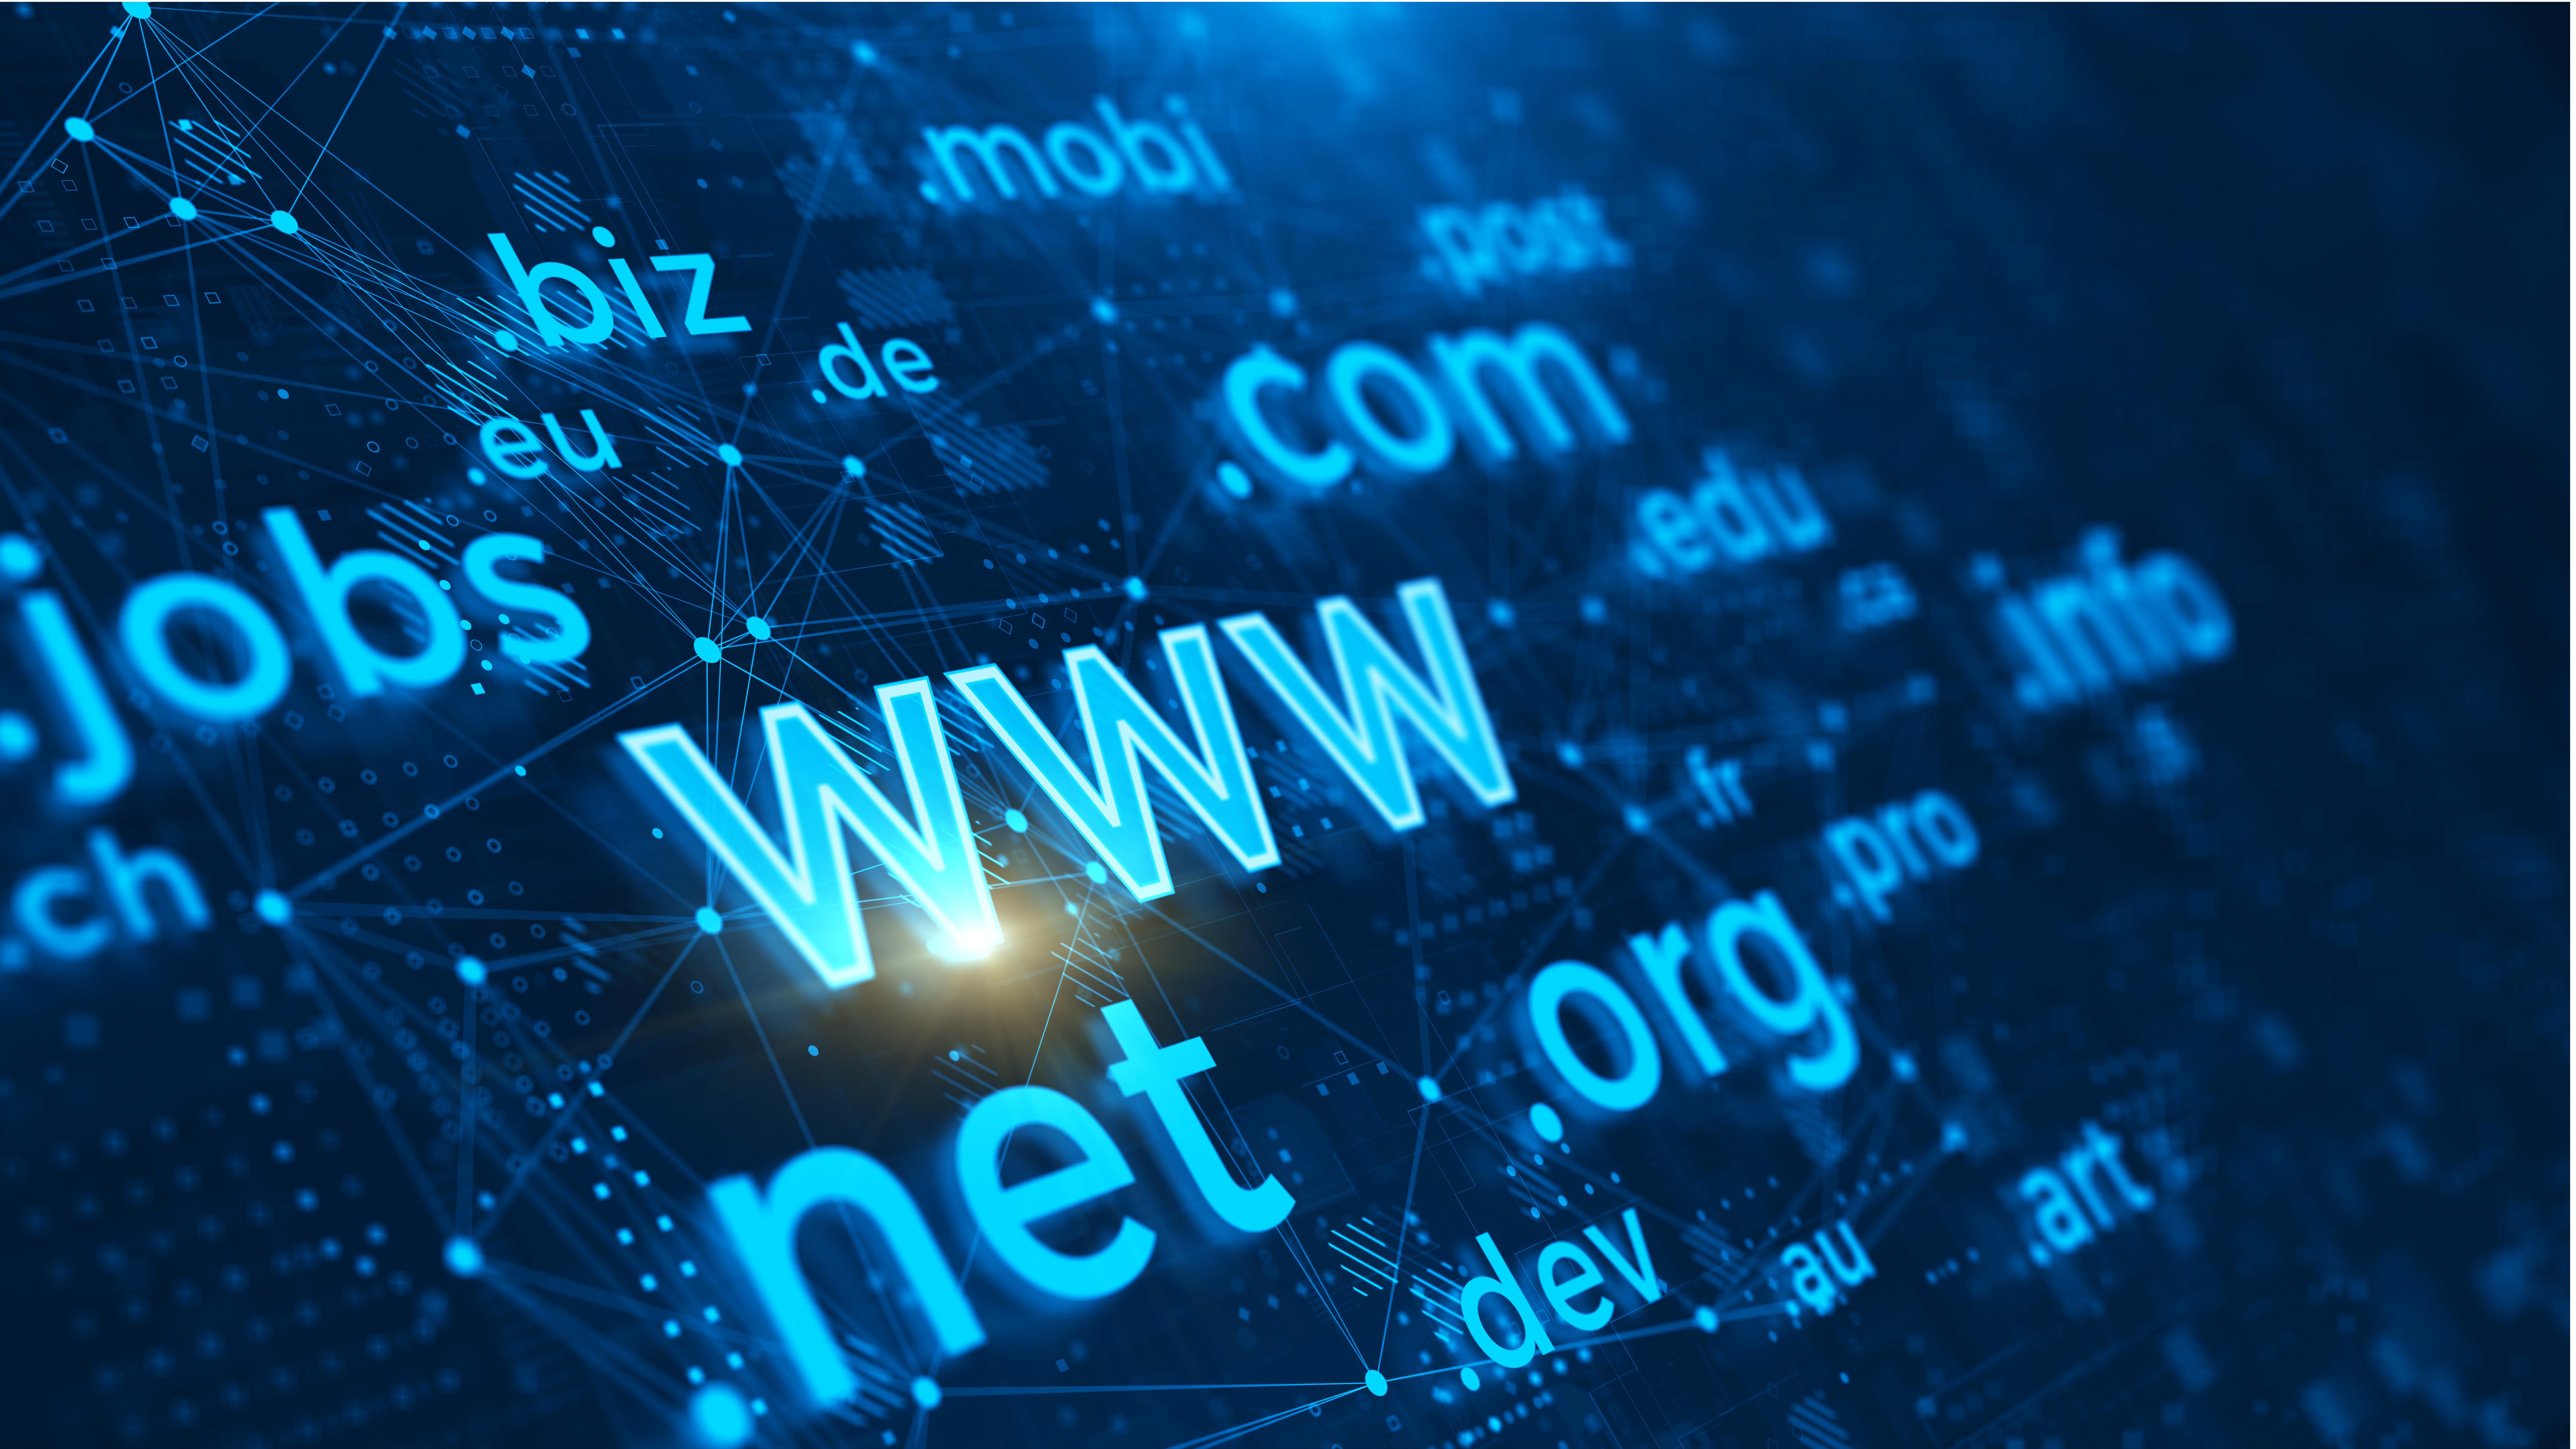 Malicious domains